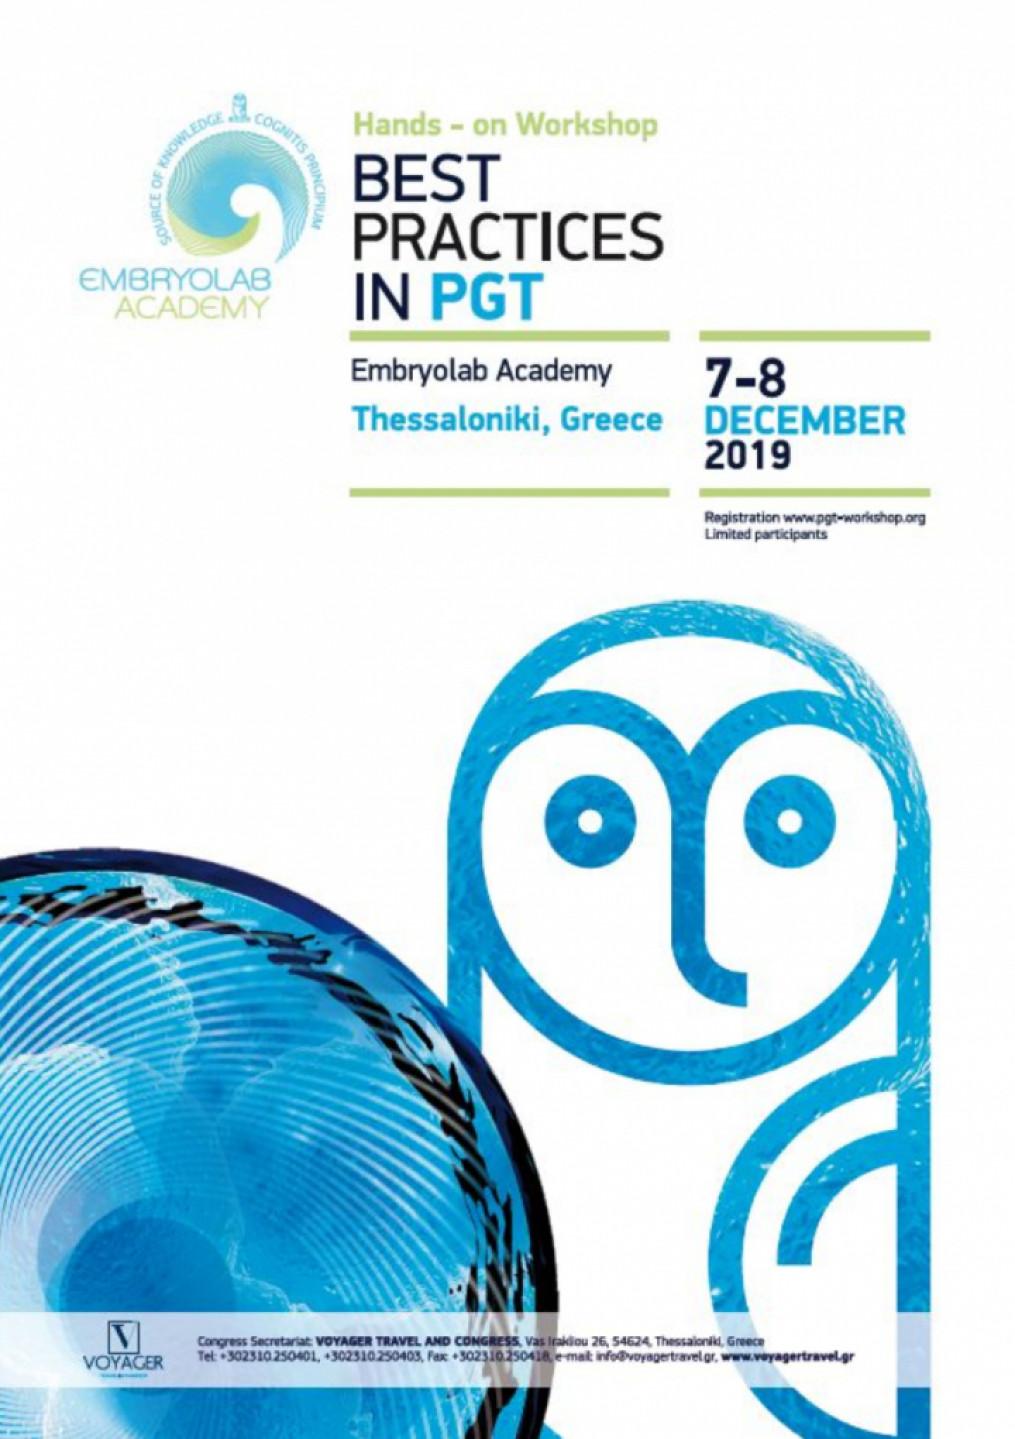 Hands - on Workshop BEST PRACTICES IN PGT